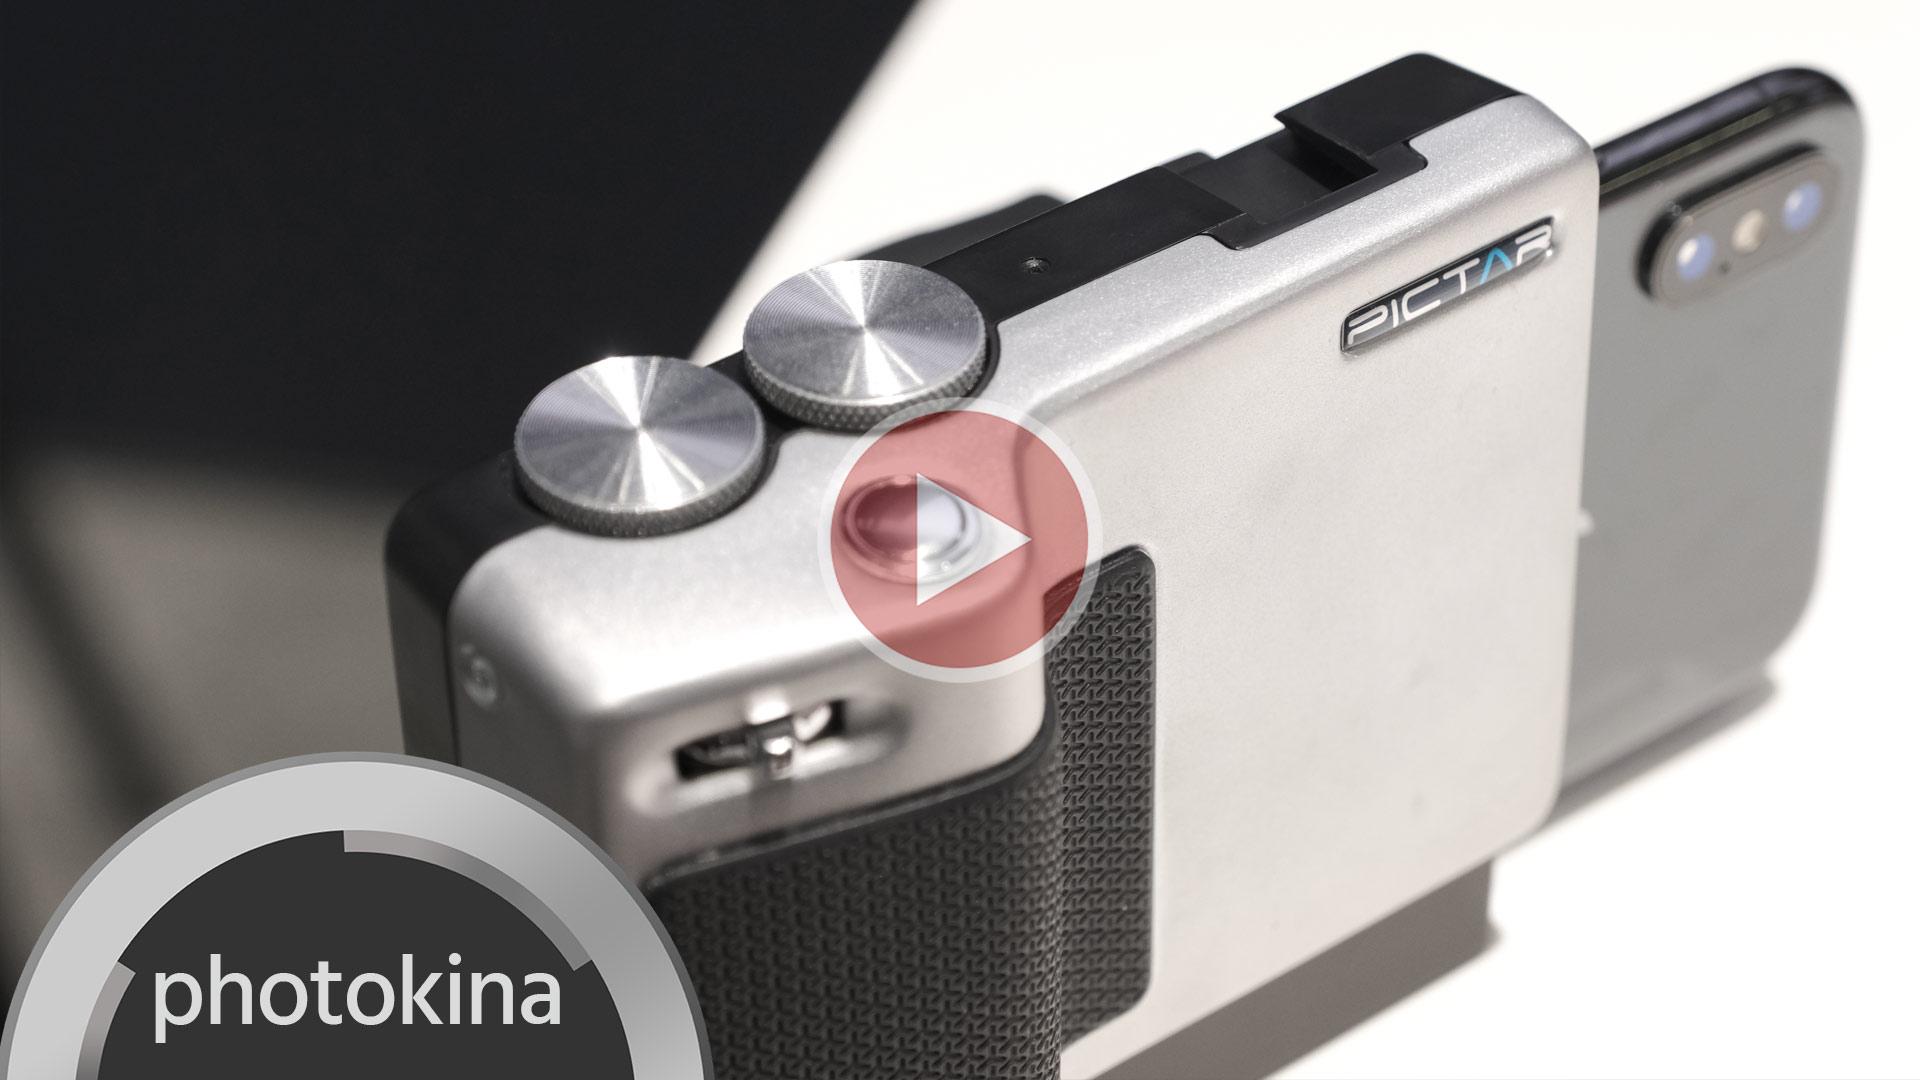 Anunciaron el Pictar Pro – controles de cámara avanzados para tu smartphone